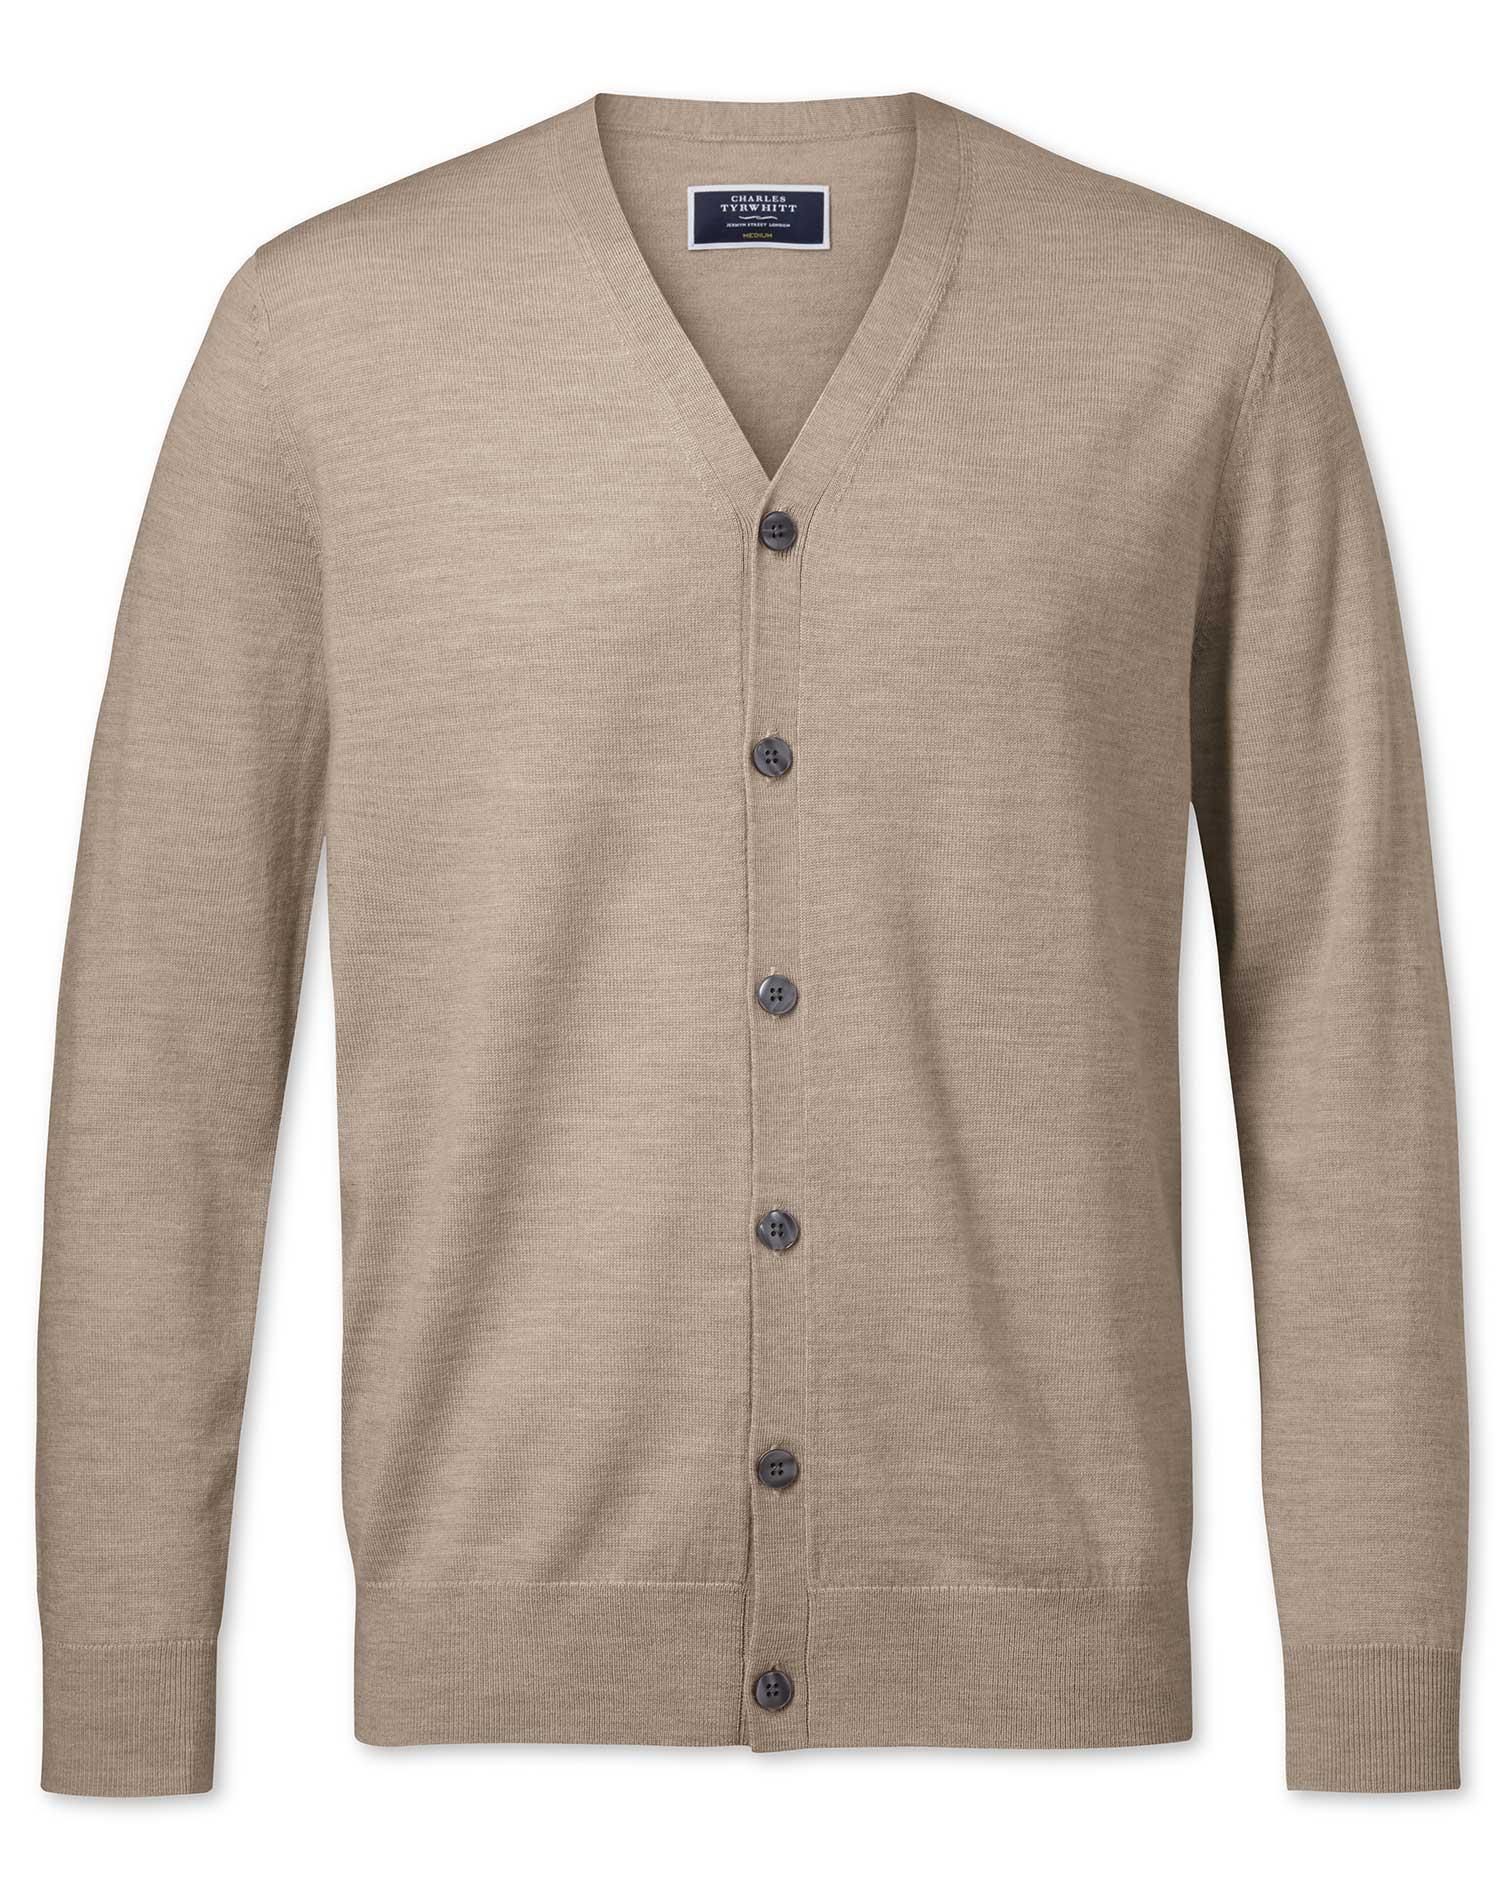 Stone Merino Merino Wool Cardigan Size XS by Charles Tyrwhitt